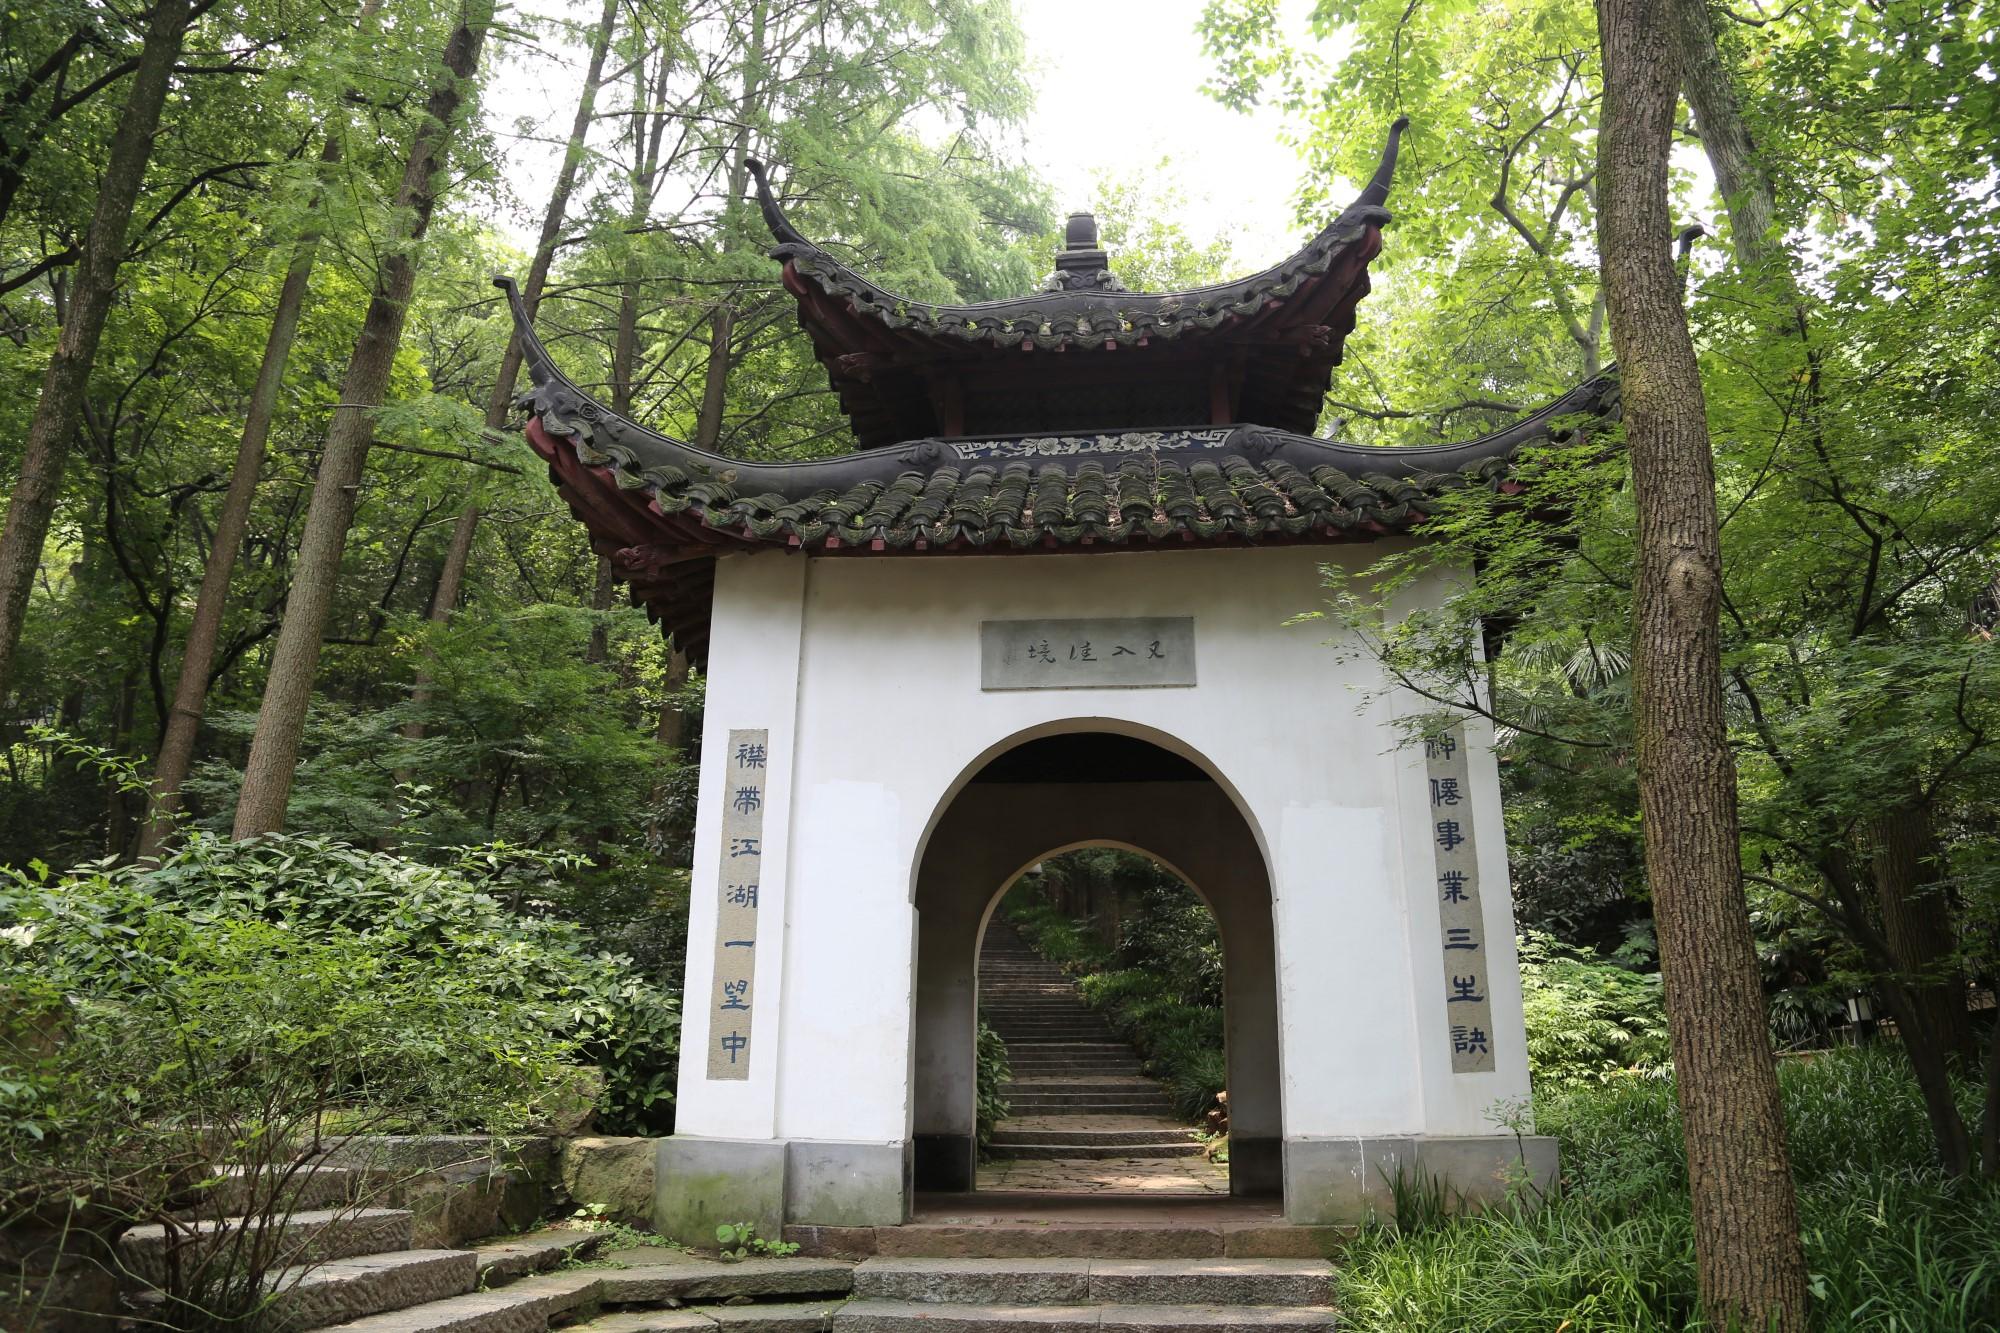 هانغتشو الصين